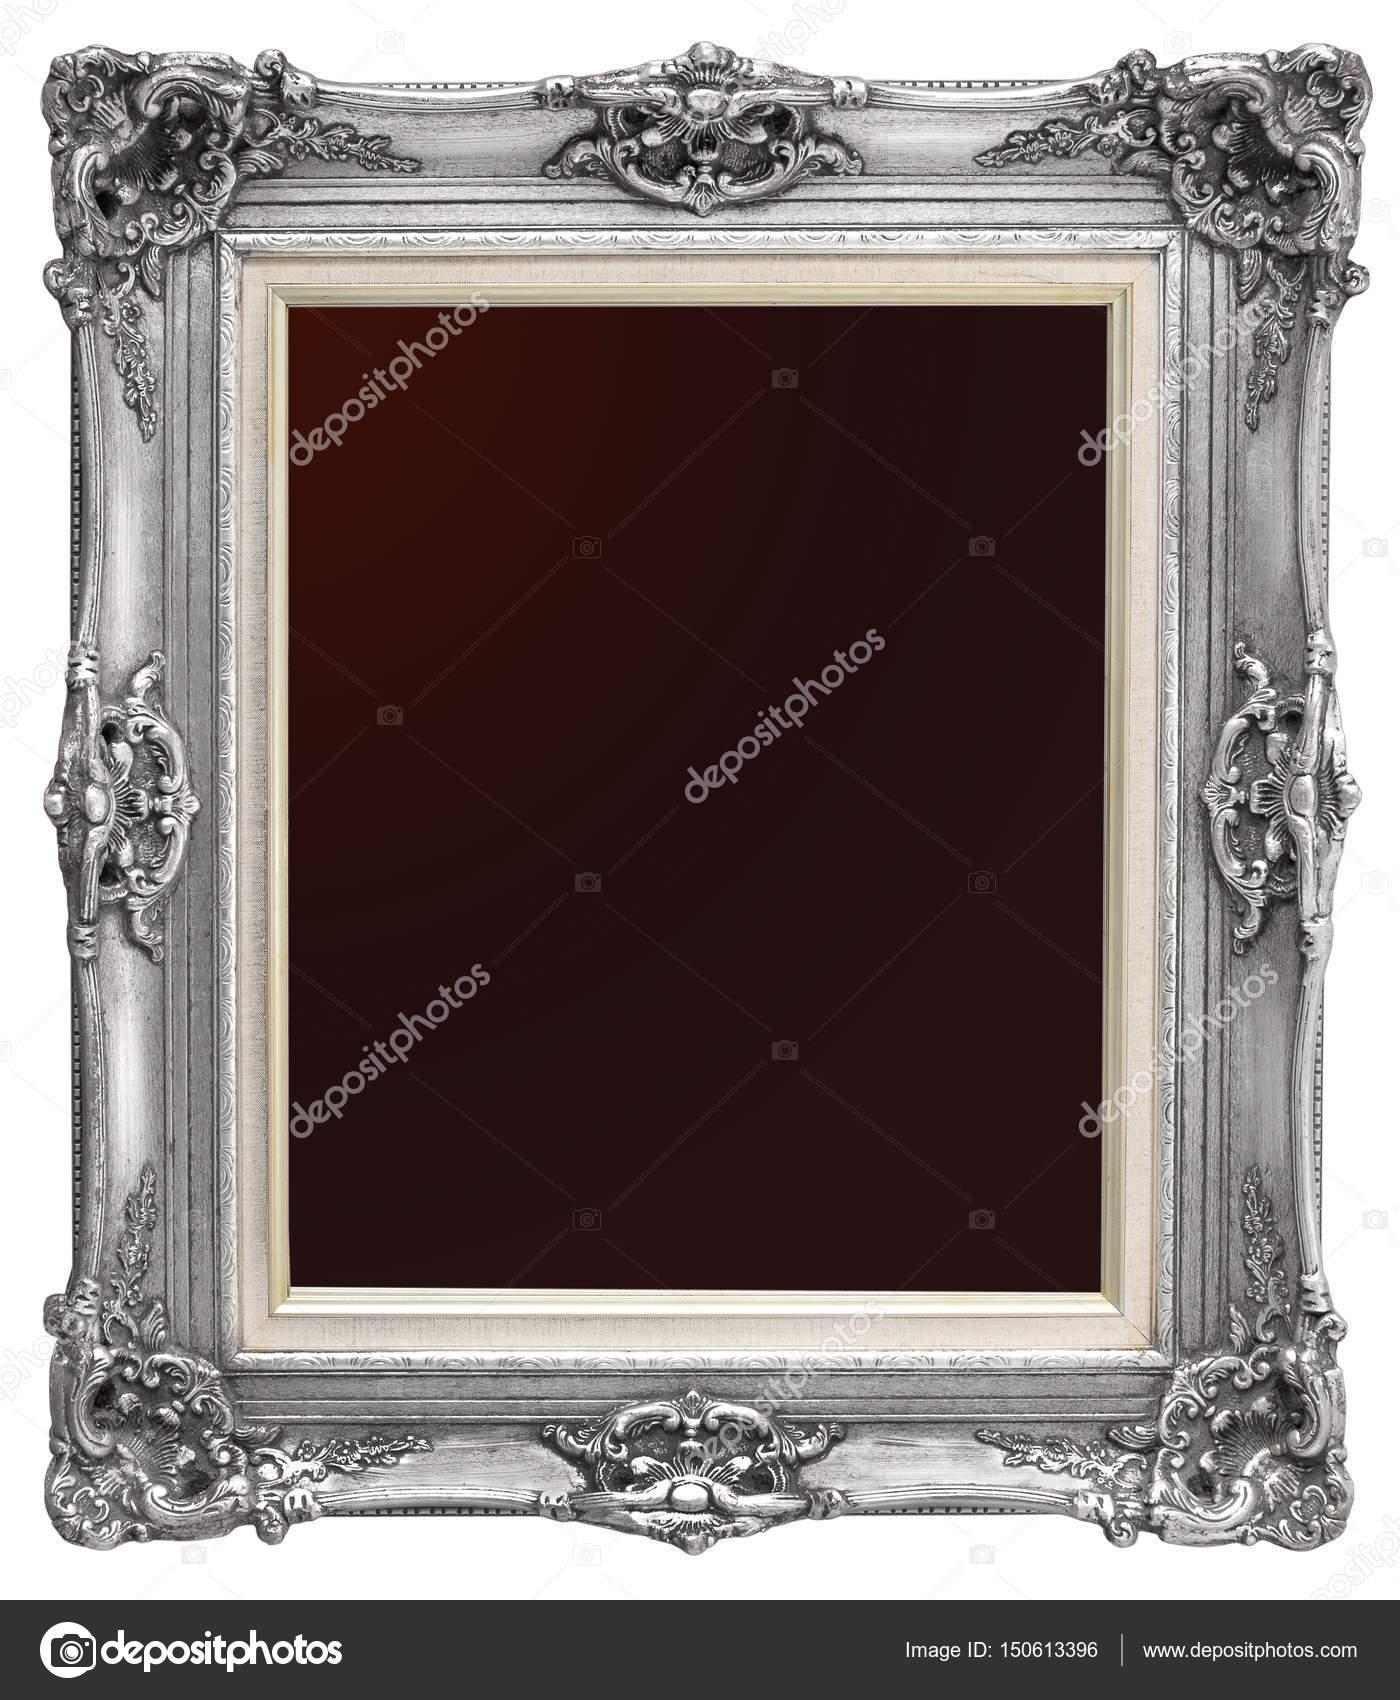 marco de metal — Foto de stock © jakkapan #150613396